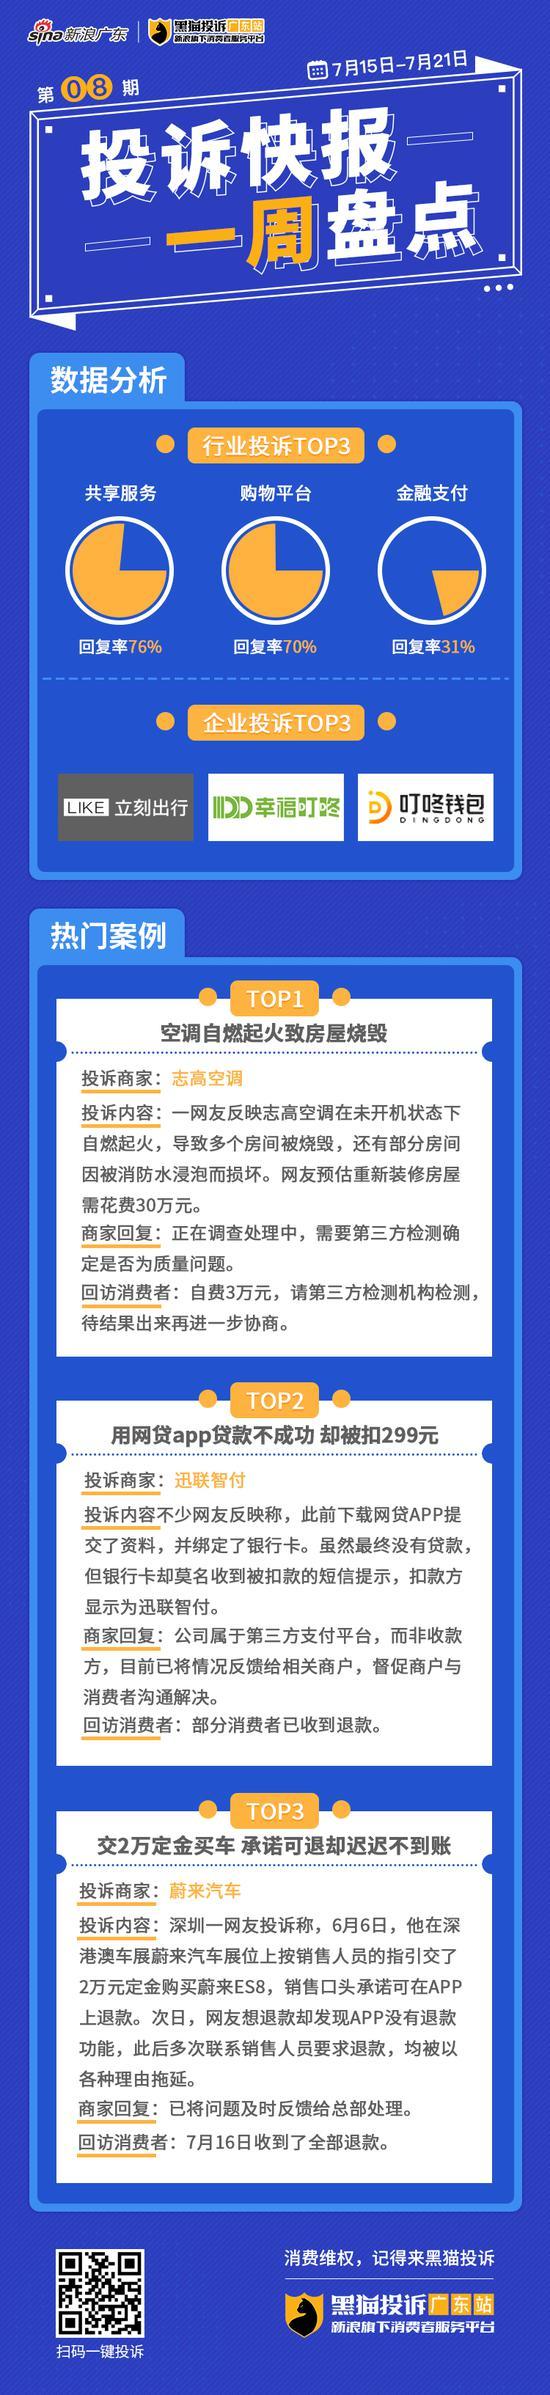 来源:黑猫投诉广东站